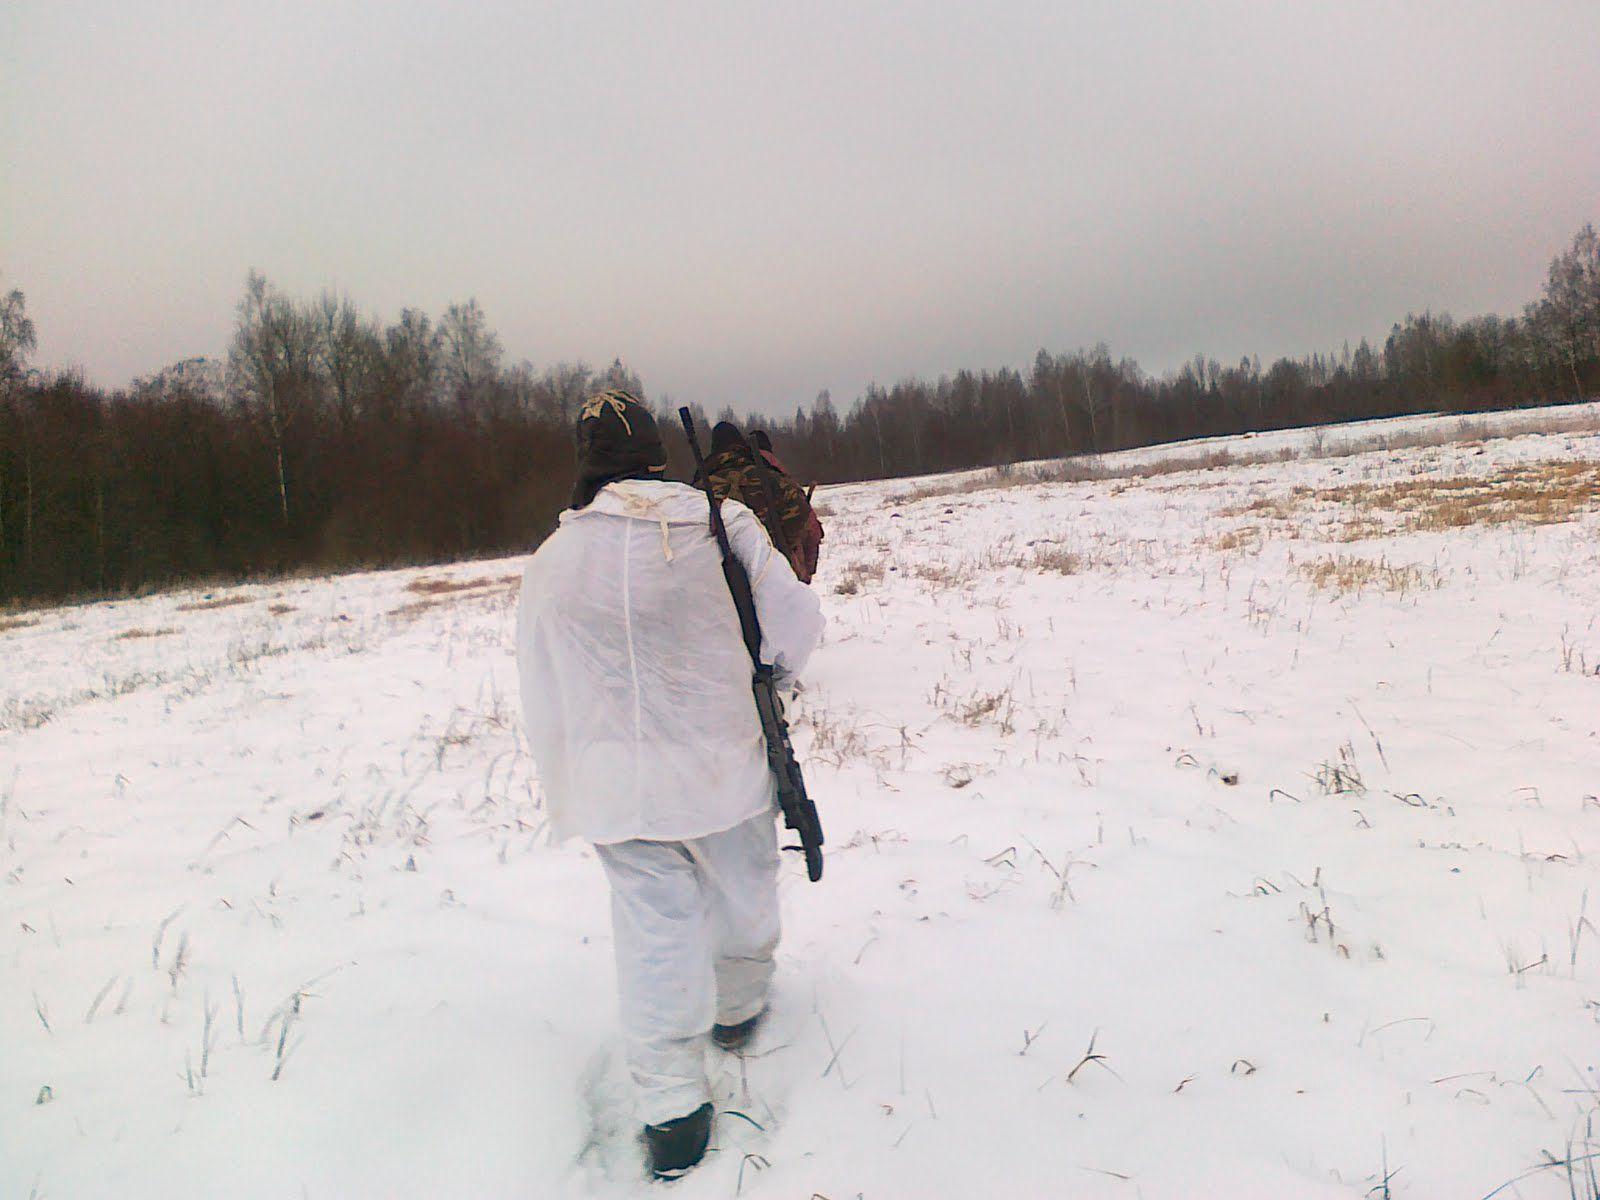 В Кировской области за неделю произошло 3 несчастных случая на охоте.